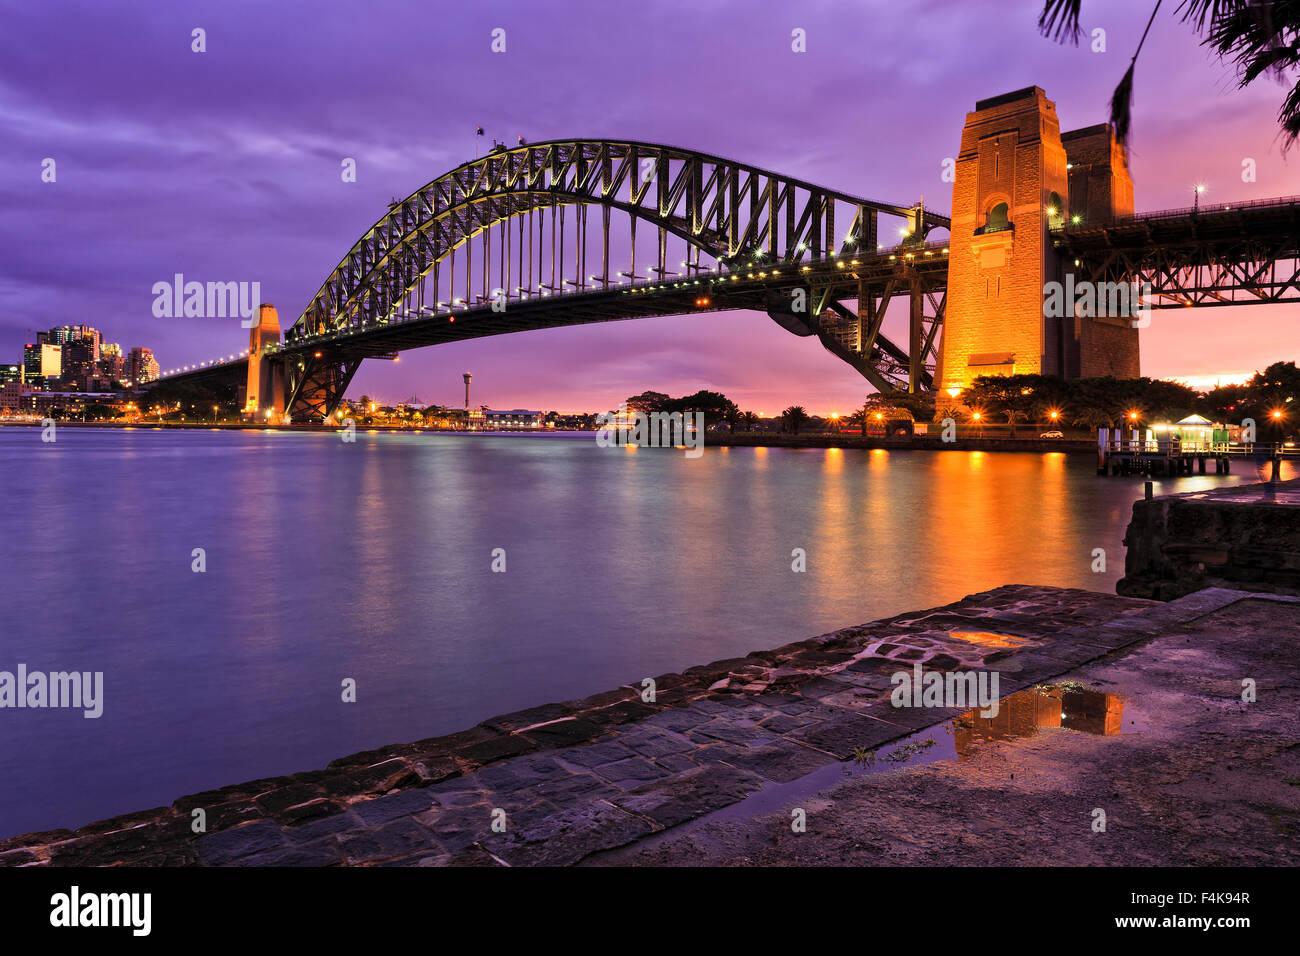 Il Sydney Harbour Bridge vista laterale da Milsons Point dopo la pioggia fresca quando illuminato arcata del ponte Immagini Stock